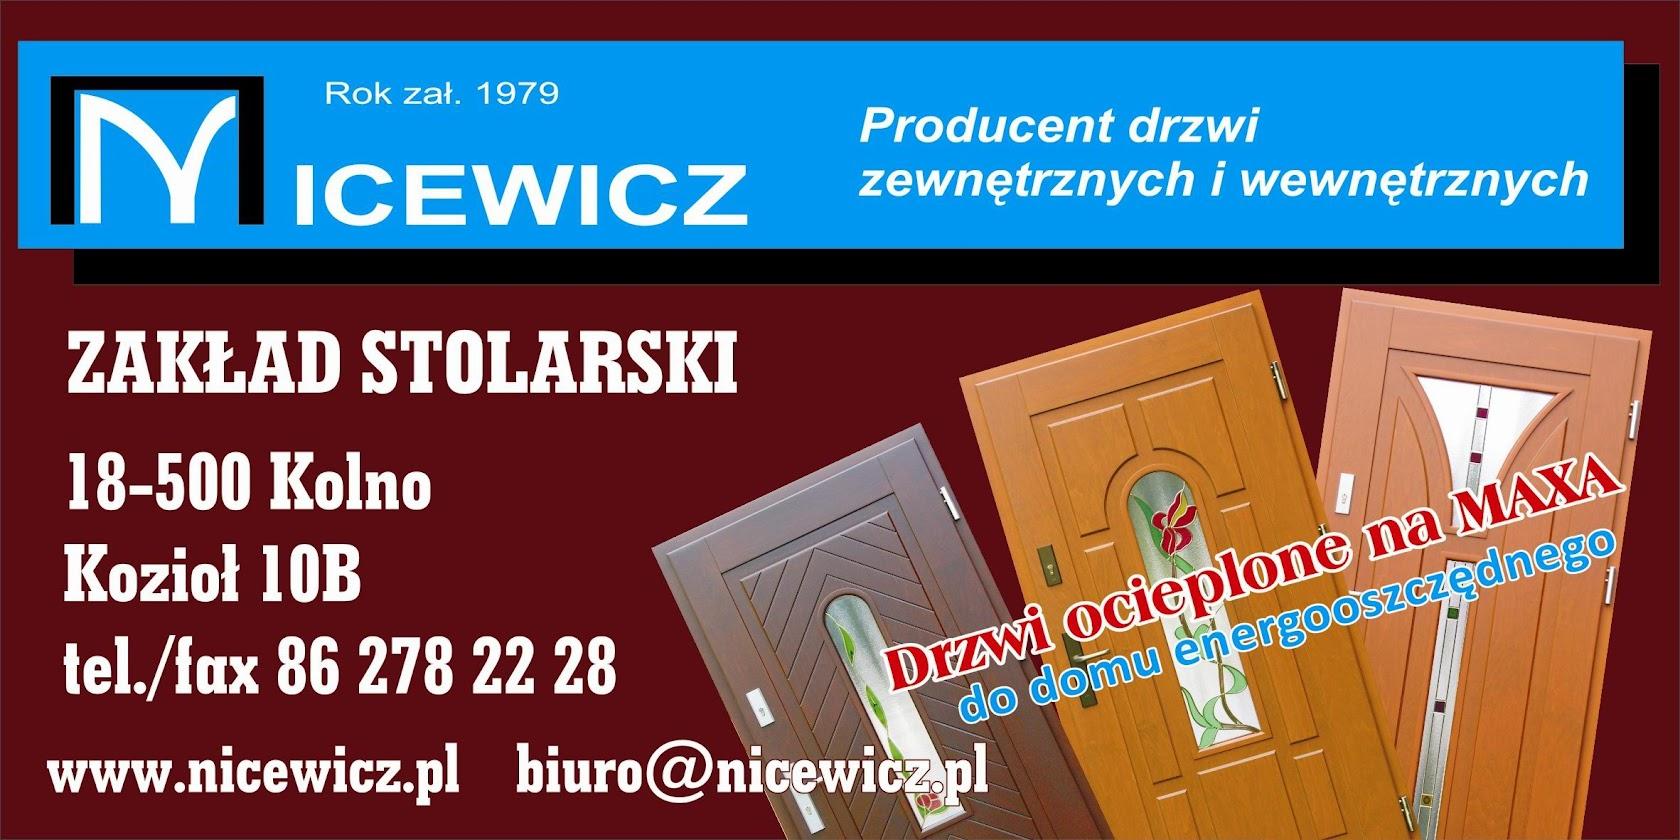 NICEWICZ Zakład Stolarski